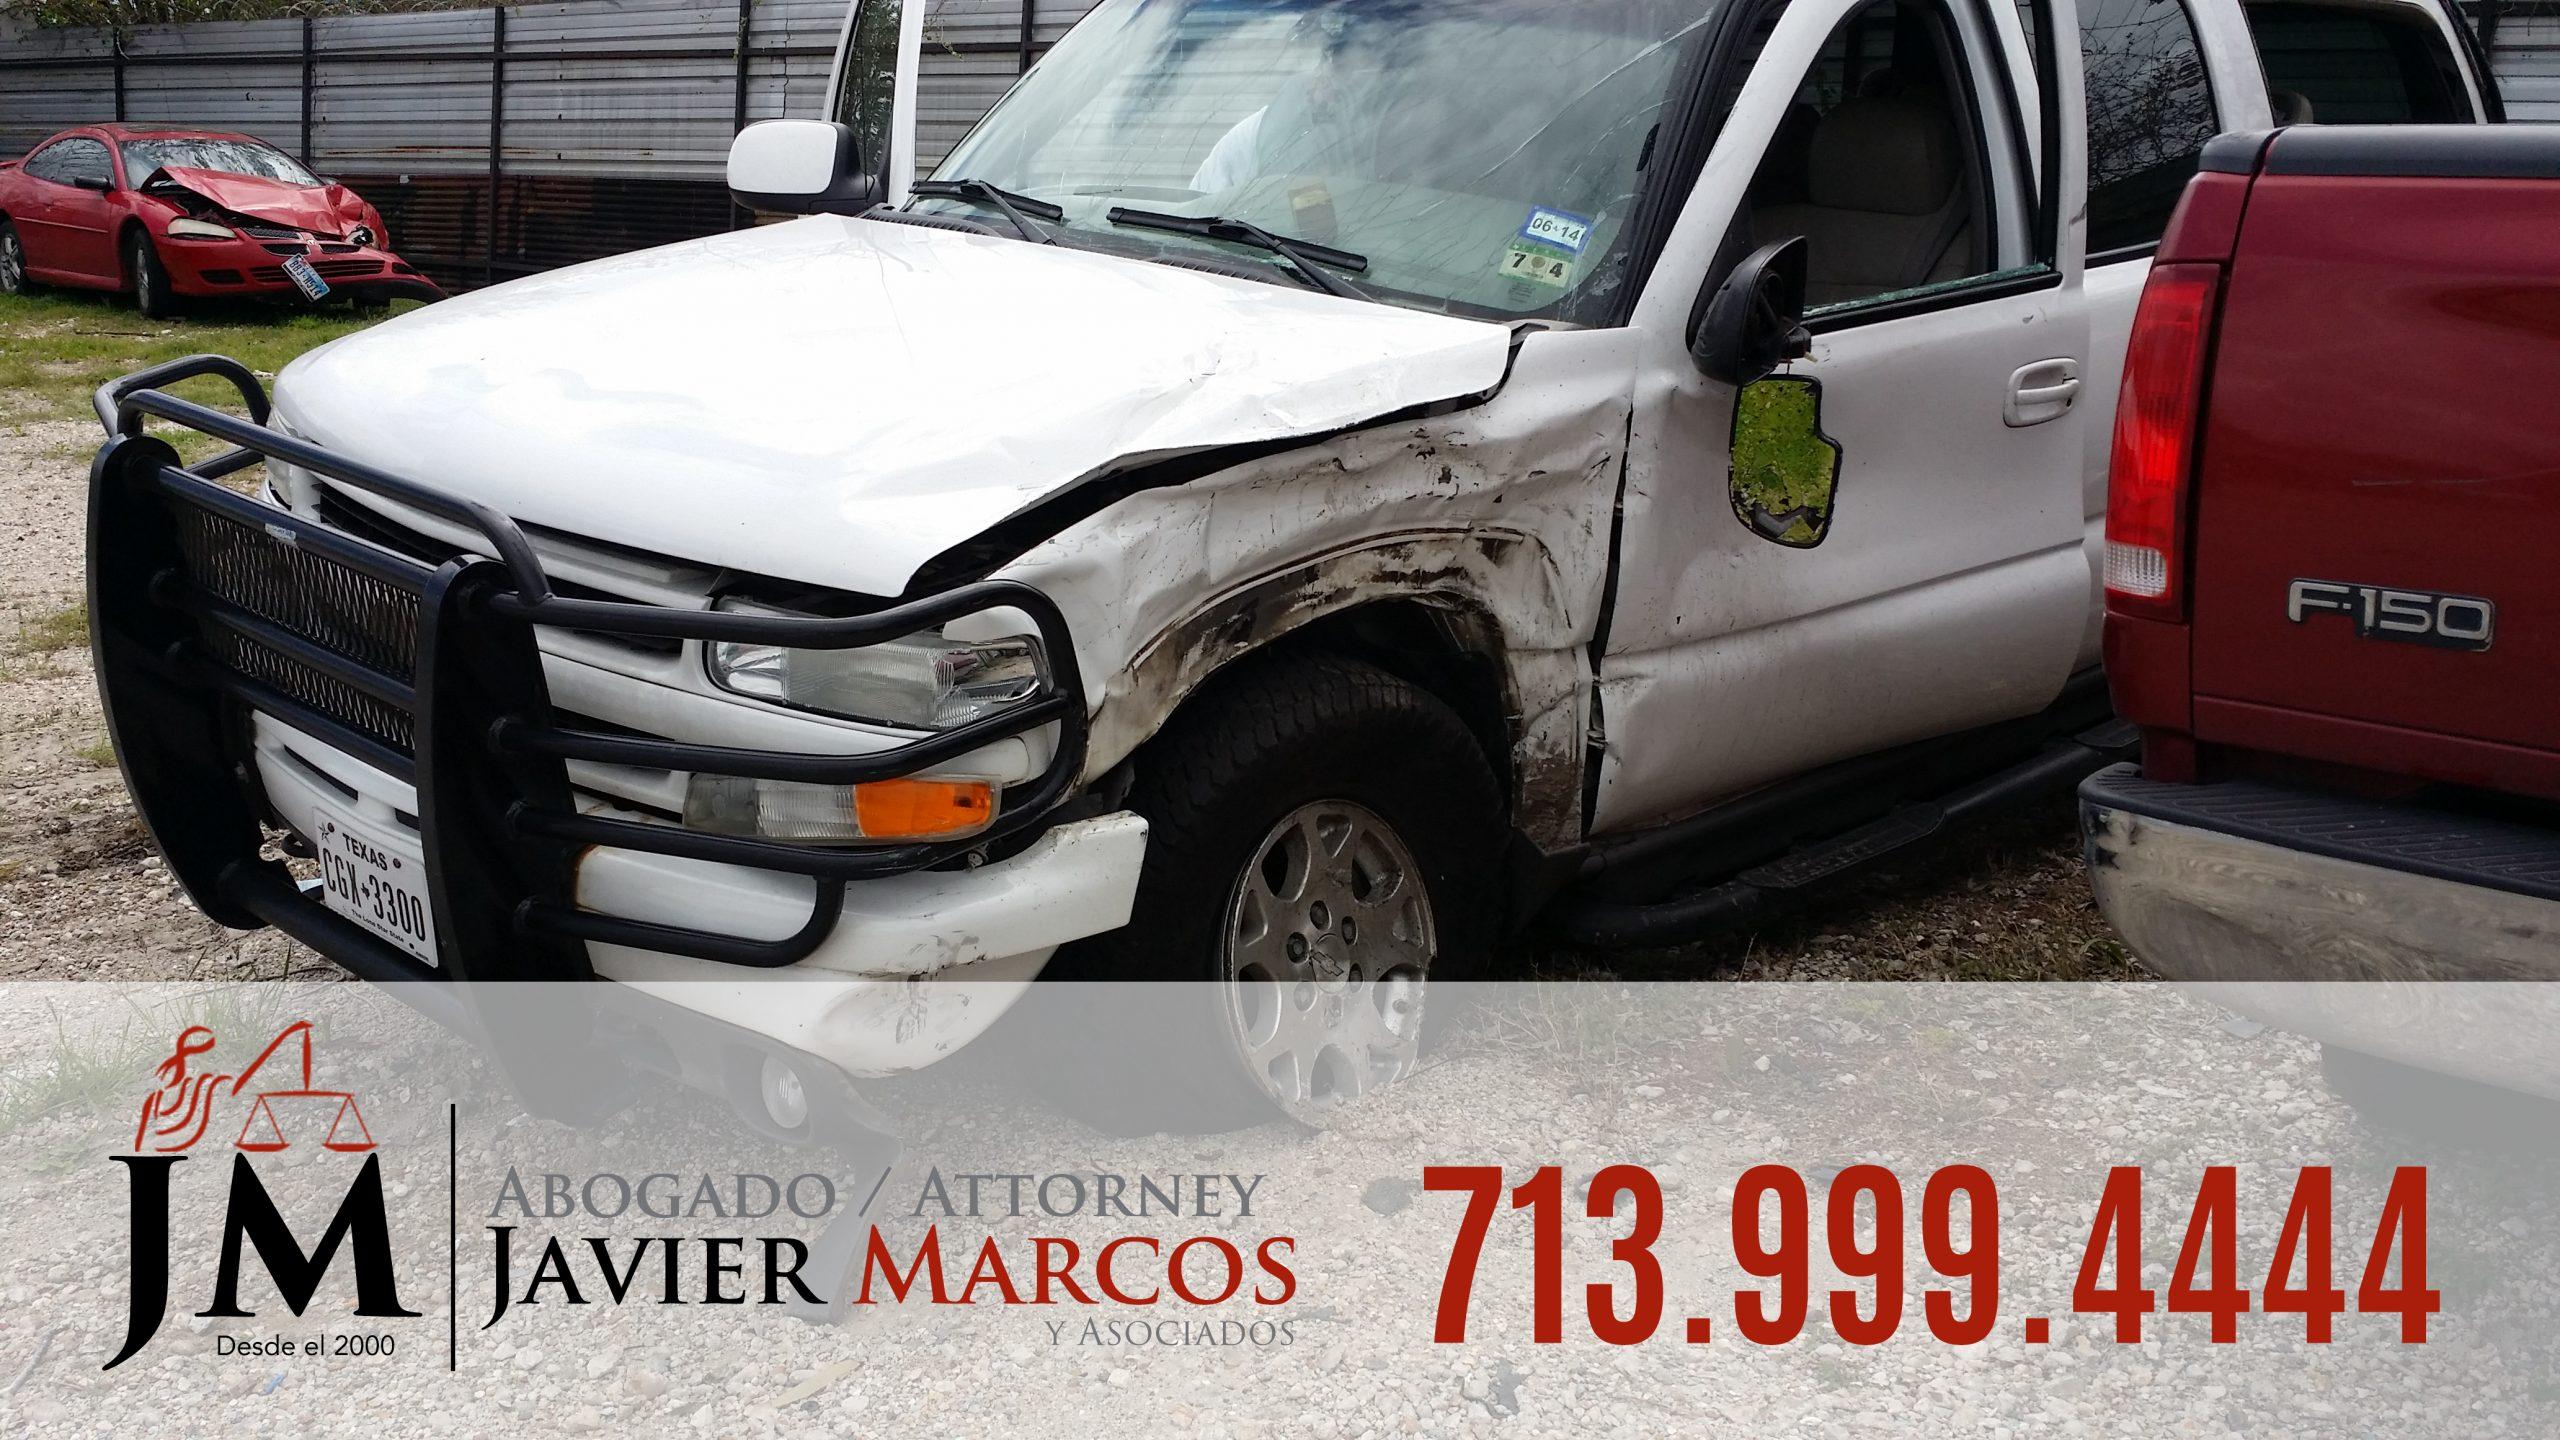 Lesiones Personales y Danos a la propiedad | Abogado Javier Marcos | 713.999.4444